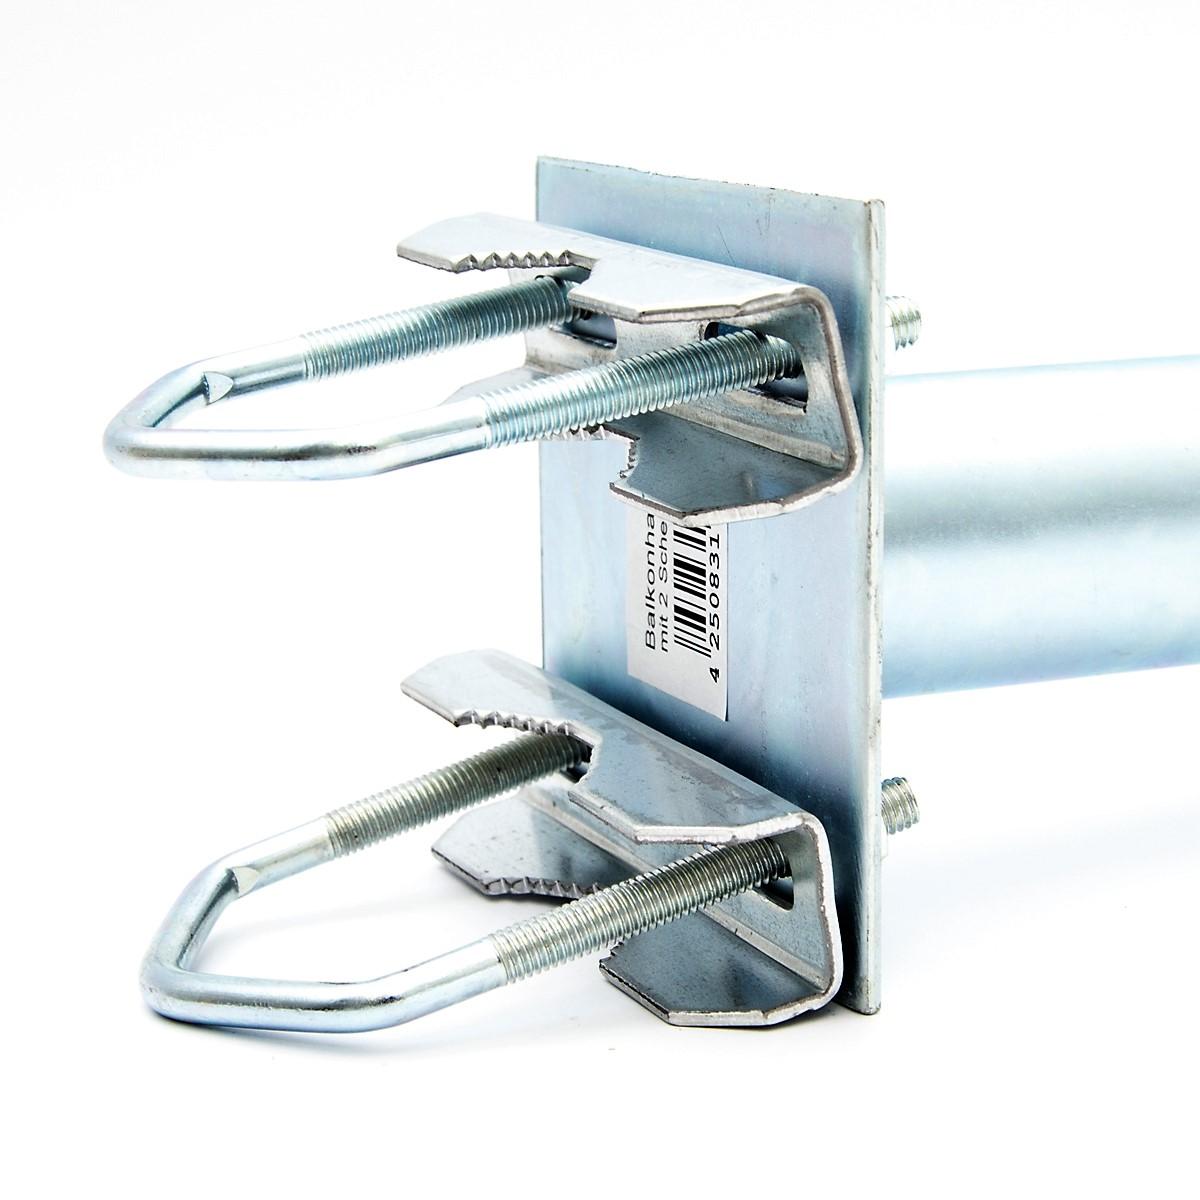 PremiumX 25cm Balkonausleger Stahl Geländerhalter SAT Antenne Balkon-Mast-Halter Ausleger L-Form